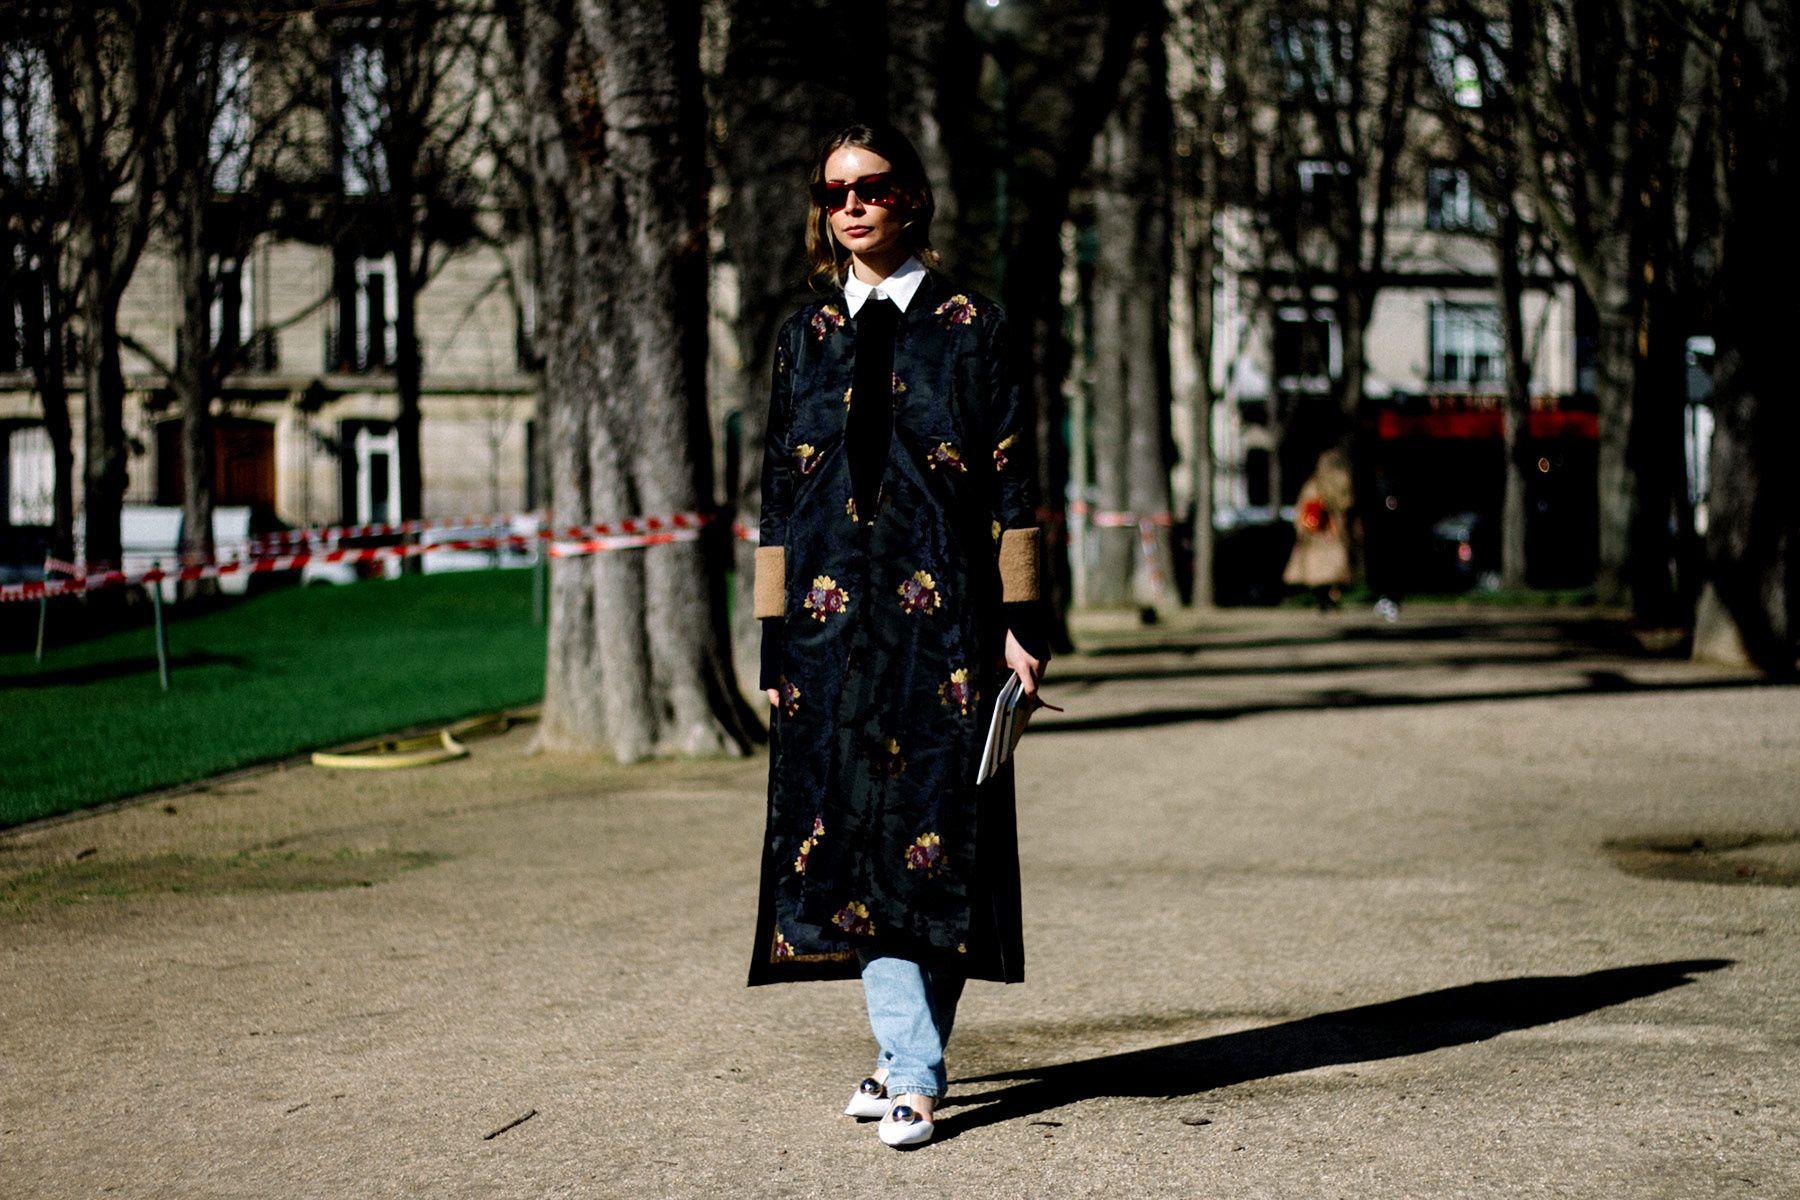 Irina Lakicevic   Galería de fotos 96 de 110   VOGUE